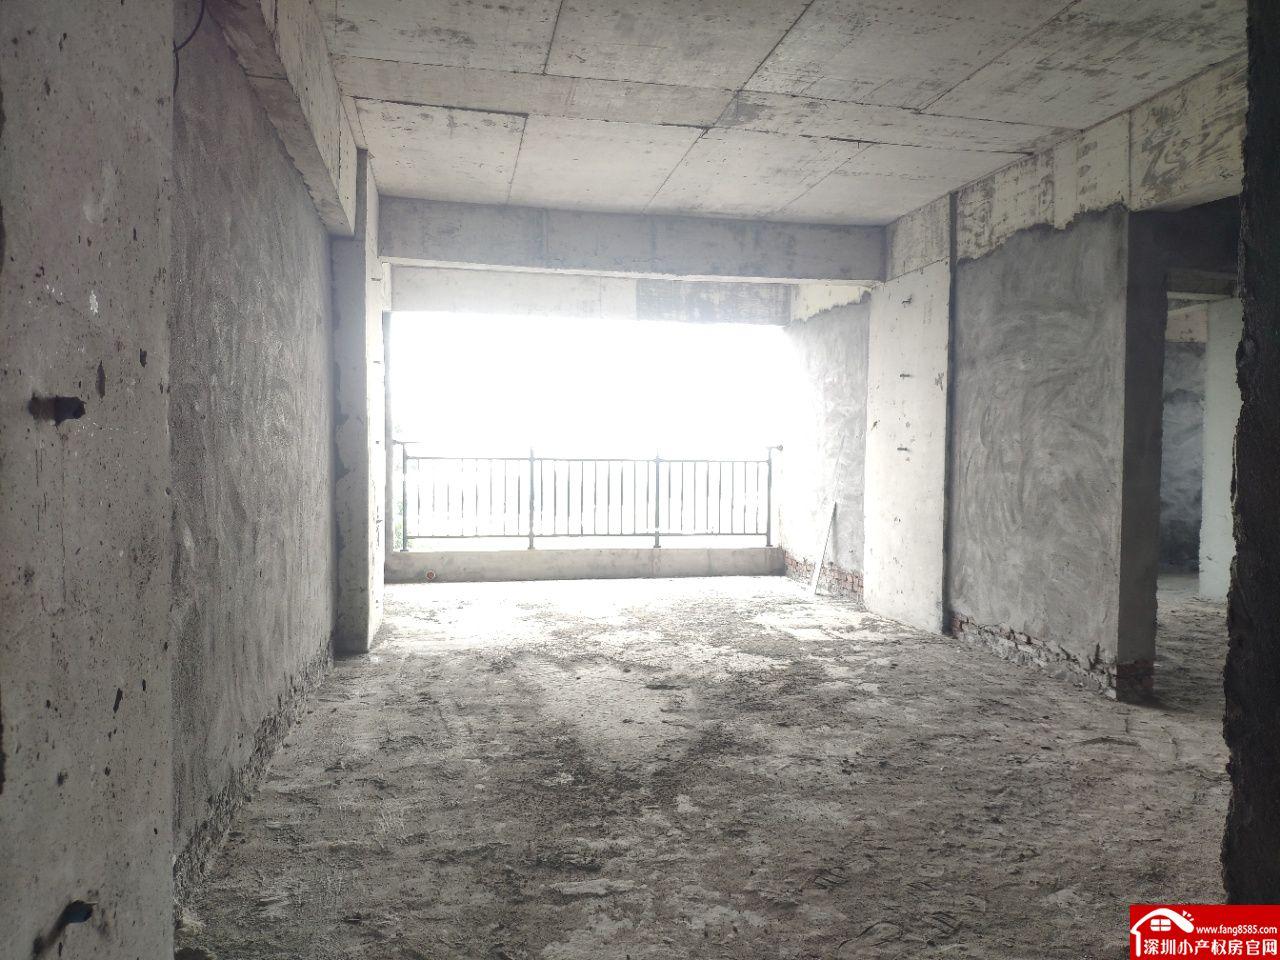 横沥小产权房统建楼【松湖居】一梯四户大阳台户型方正